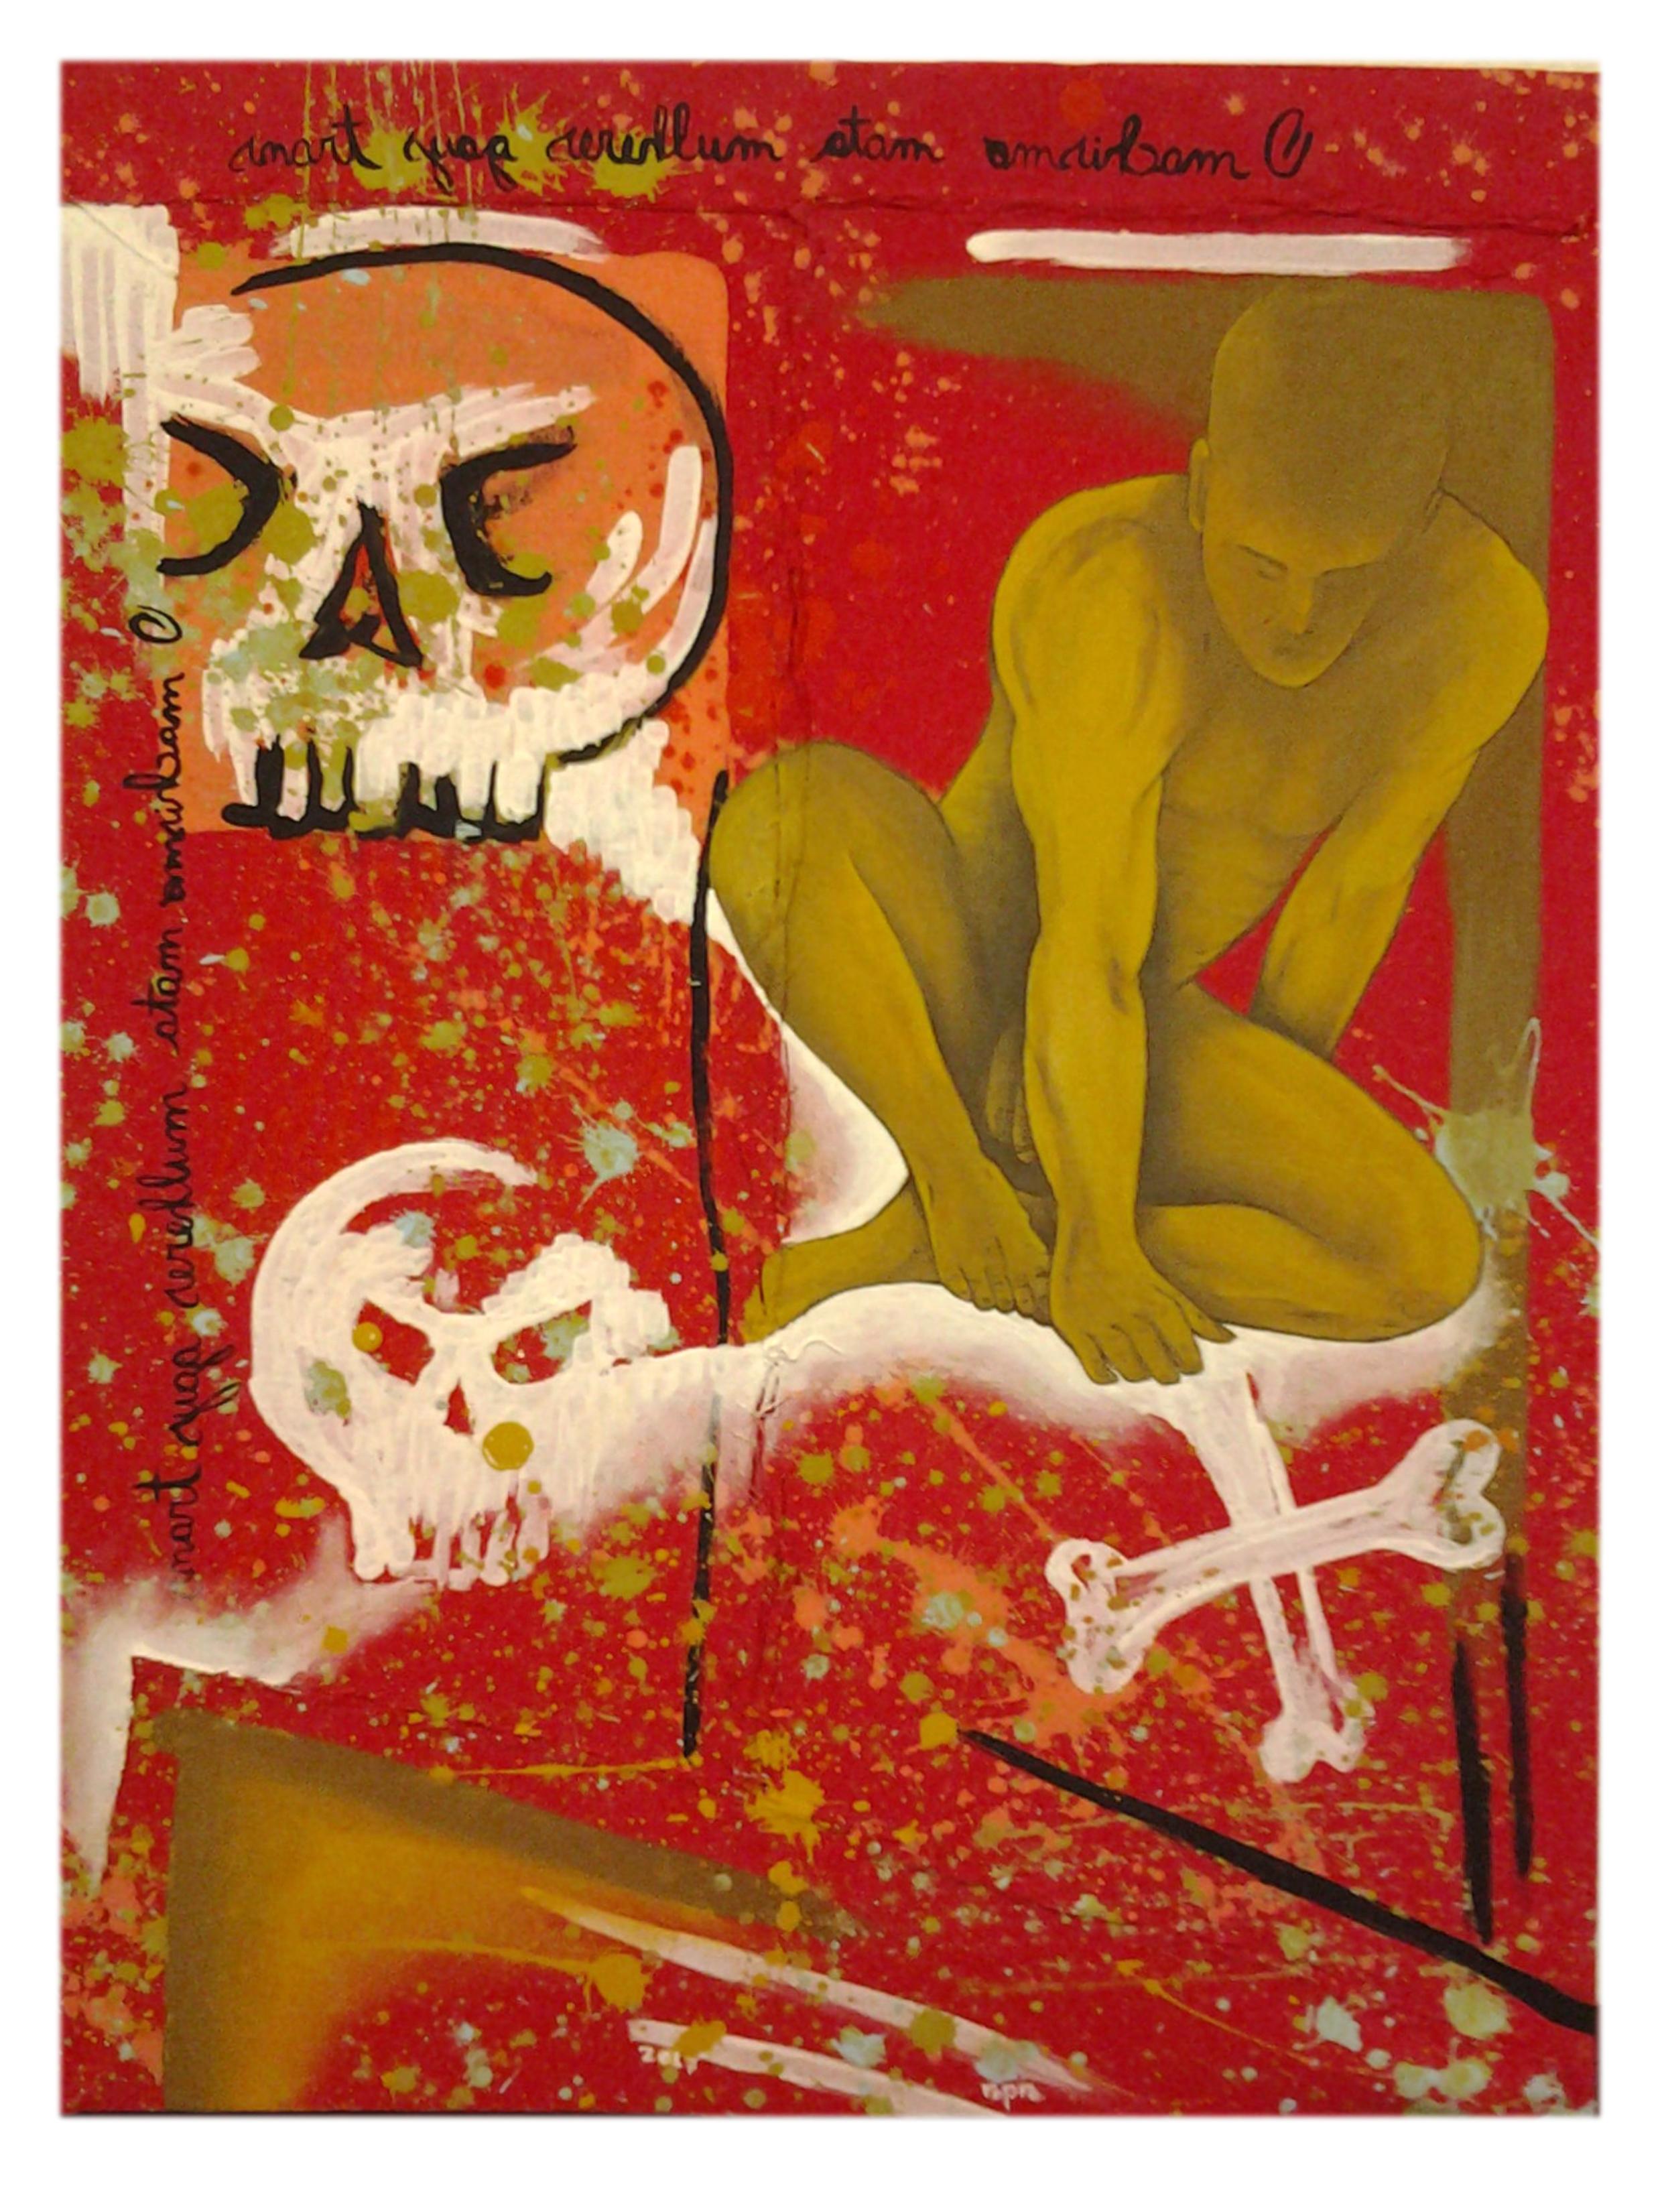 Ropre, No armário, 2017,pintura acrílica s algodão cru costurado s chapa MDF 0,6,46x34 cm